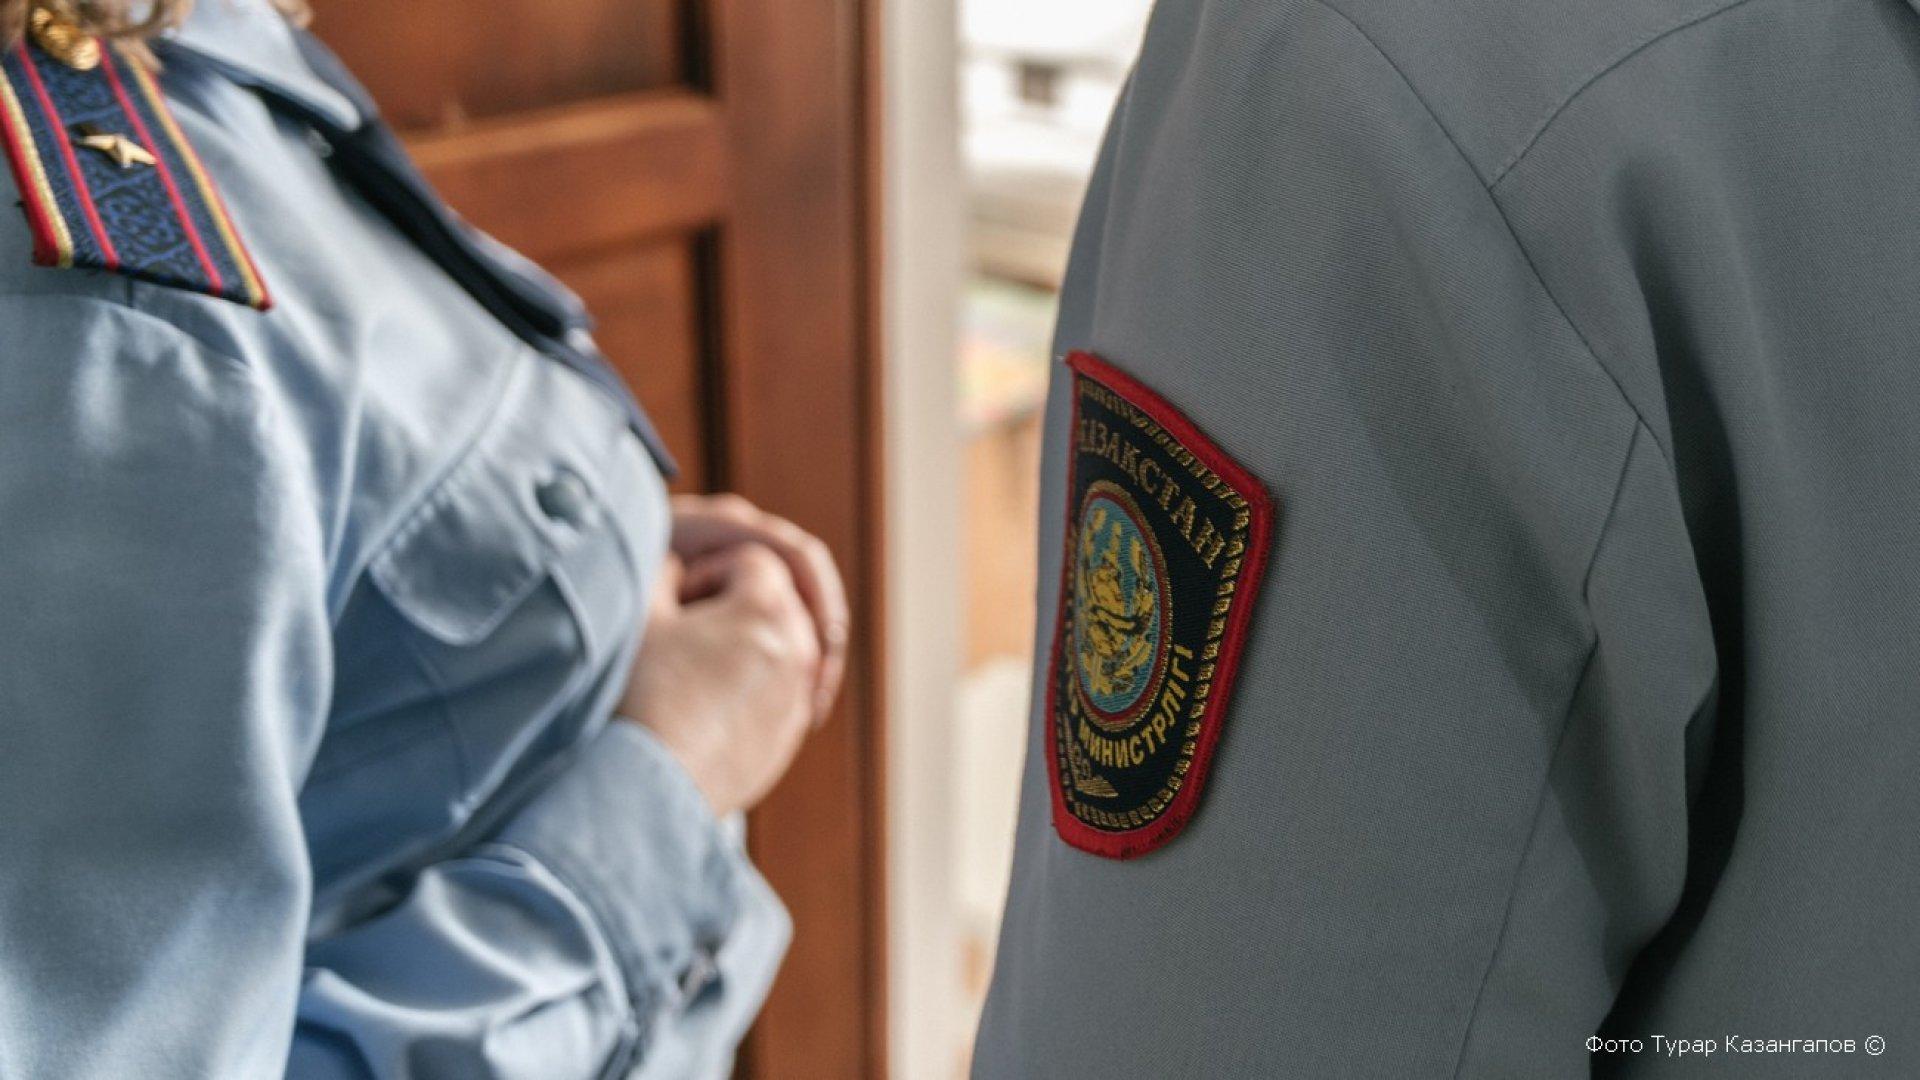 МВД РК проверяет причастность антиваксера Айны Бакеевой к смерти журналиста